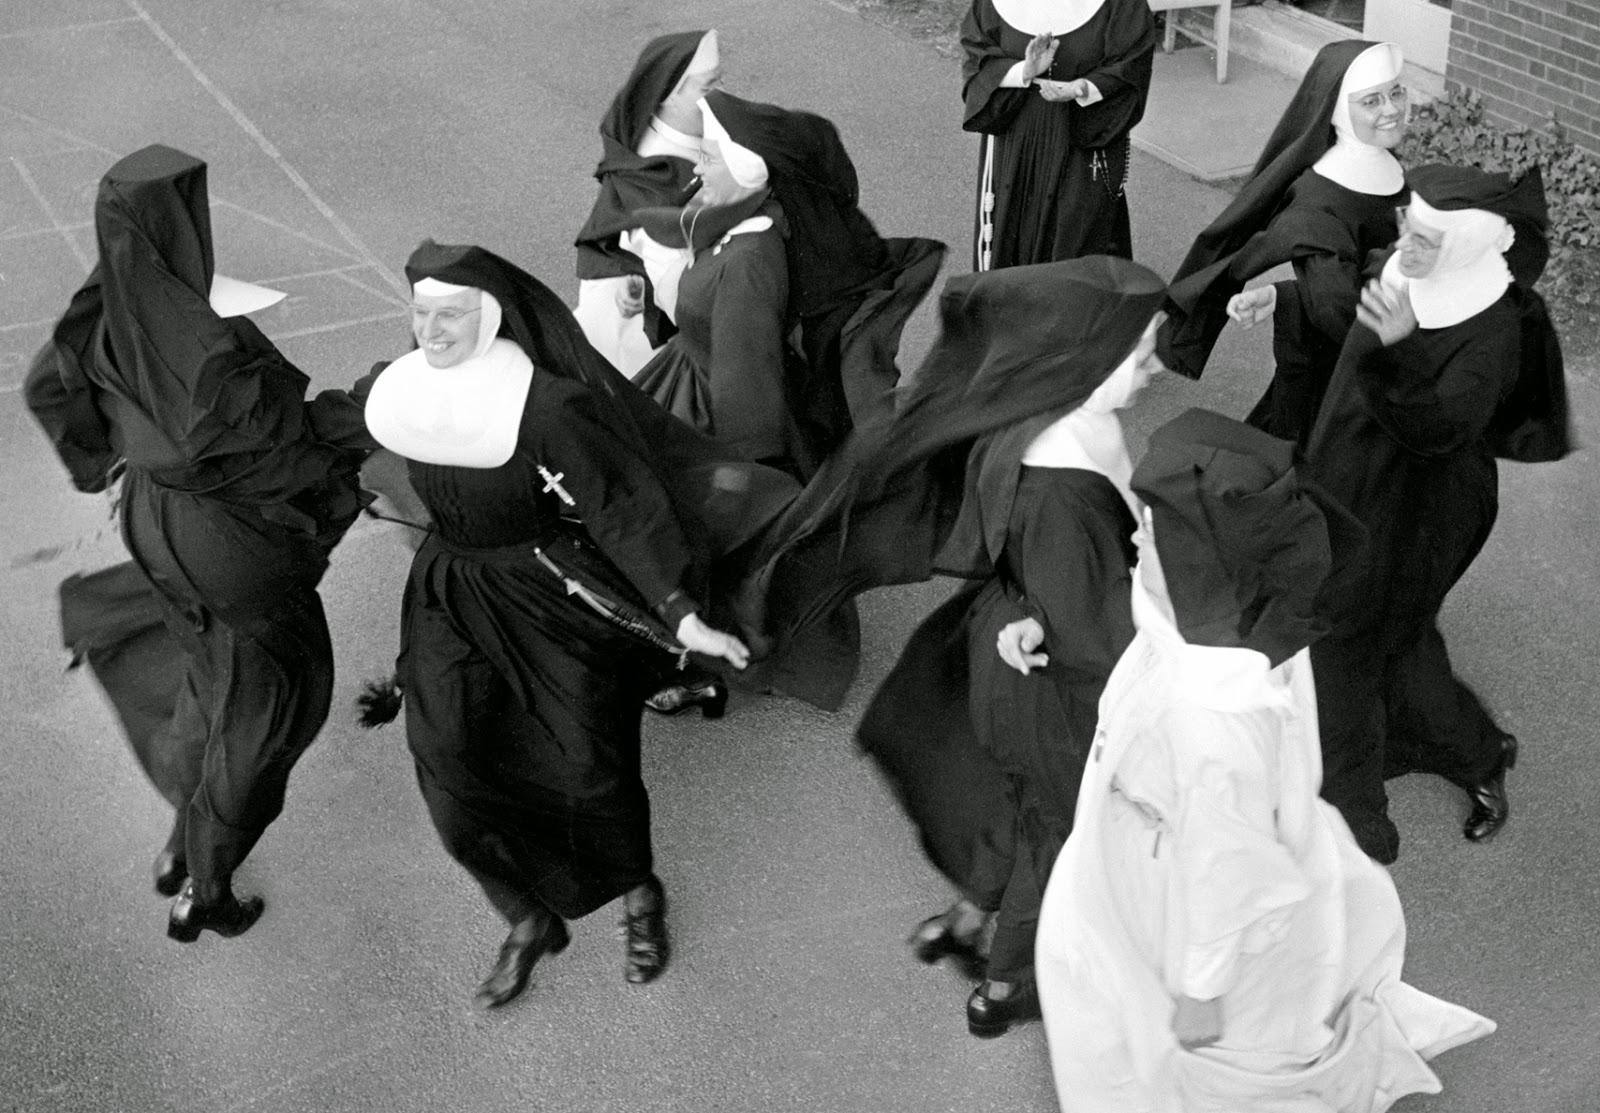 Good looking nuns